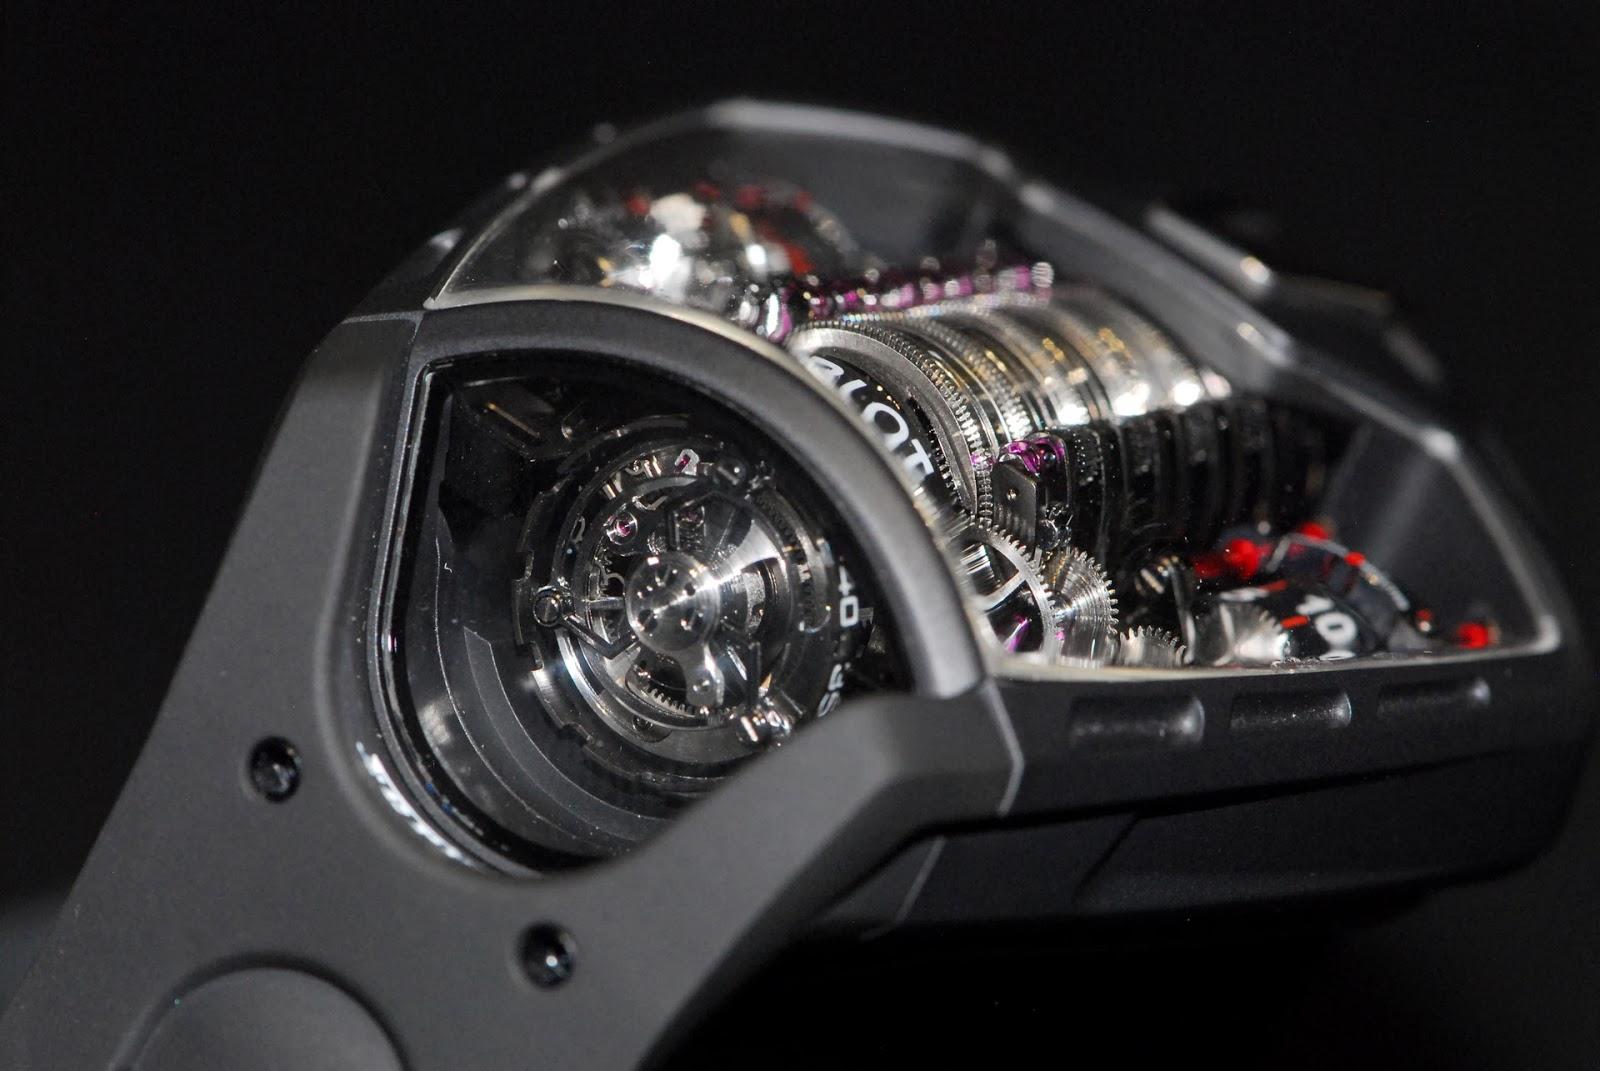 j 39 aime les montres la montre du jour hublot mp 05 laferrari baselworld 2013. Black Bedroom Furniture Sets. Home Design Ideas